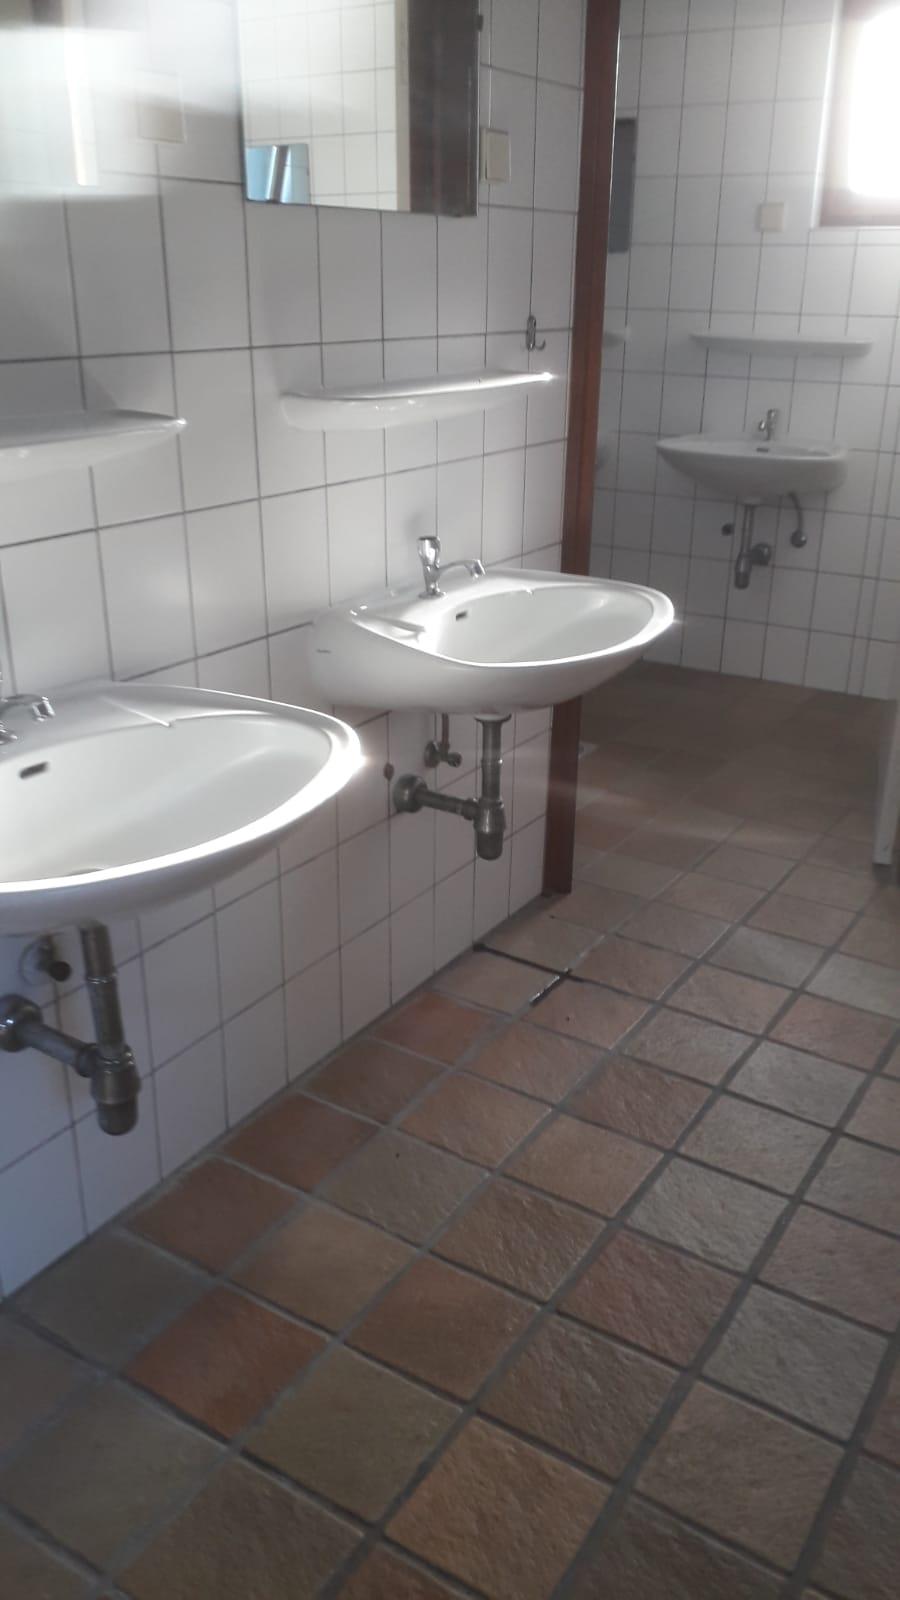 sanitaire 4..jpg